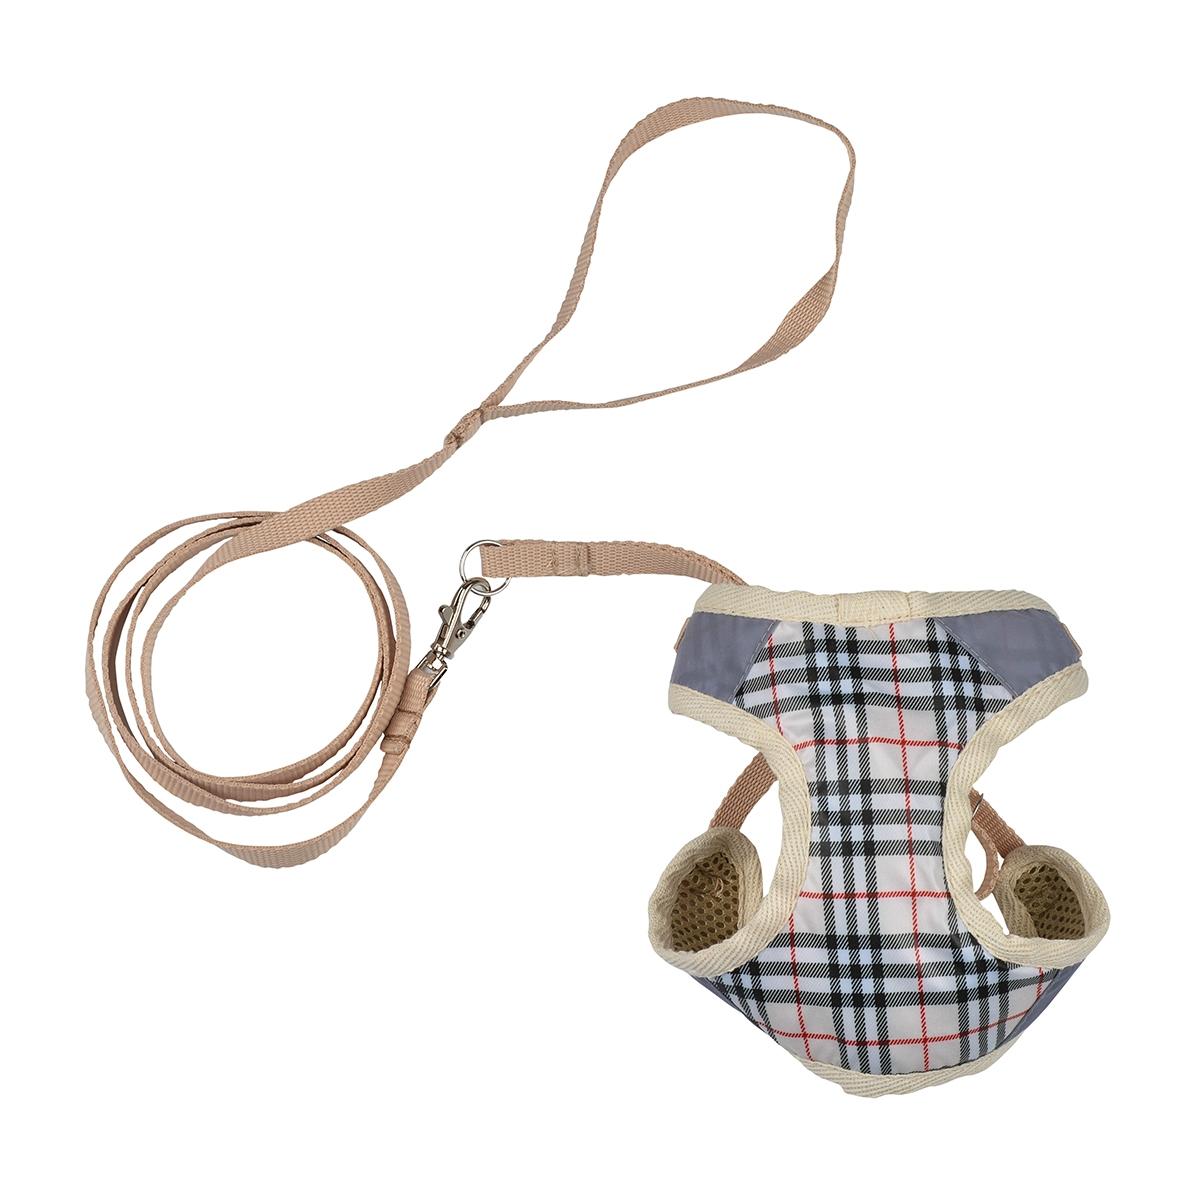 Dogmoda Комплект Ватсон (шлейка и поводок) размер 40120710Комплект для прогулки Ватсон, состоящий из шлейки и поводка. Выполнен из практичной моющейся ткани.